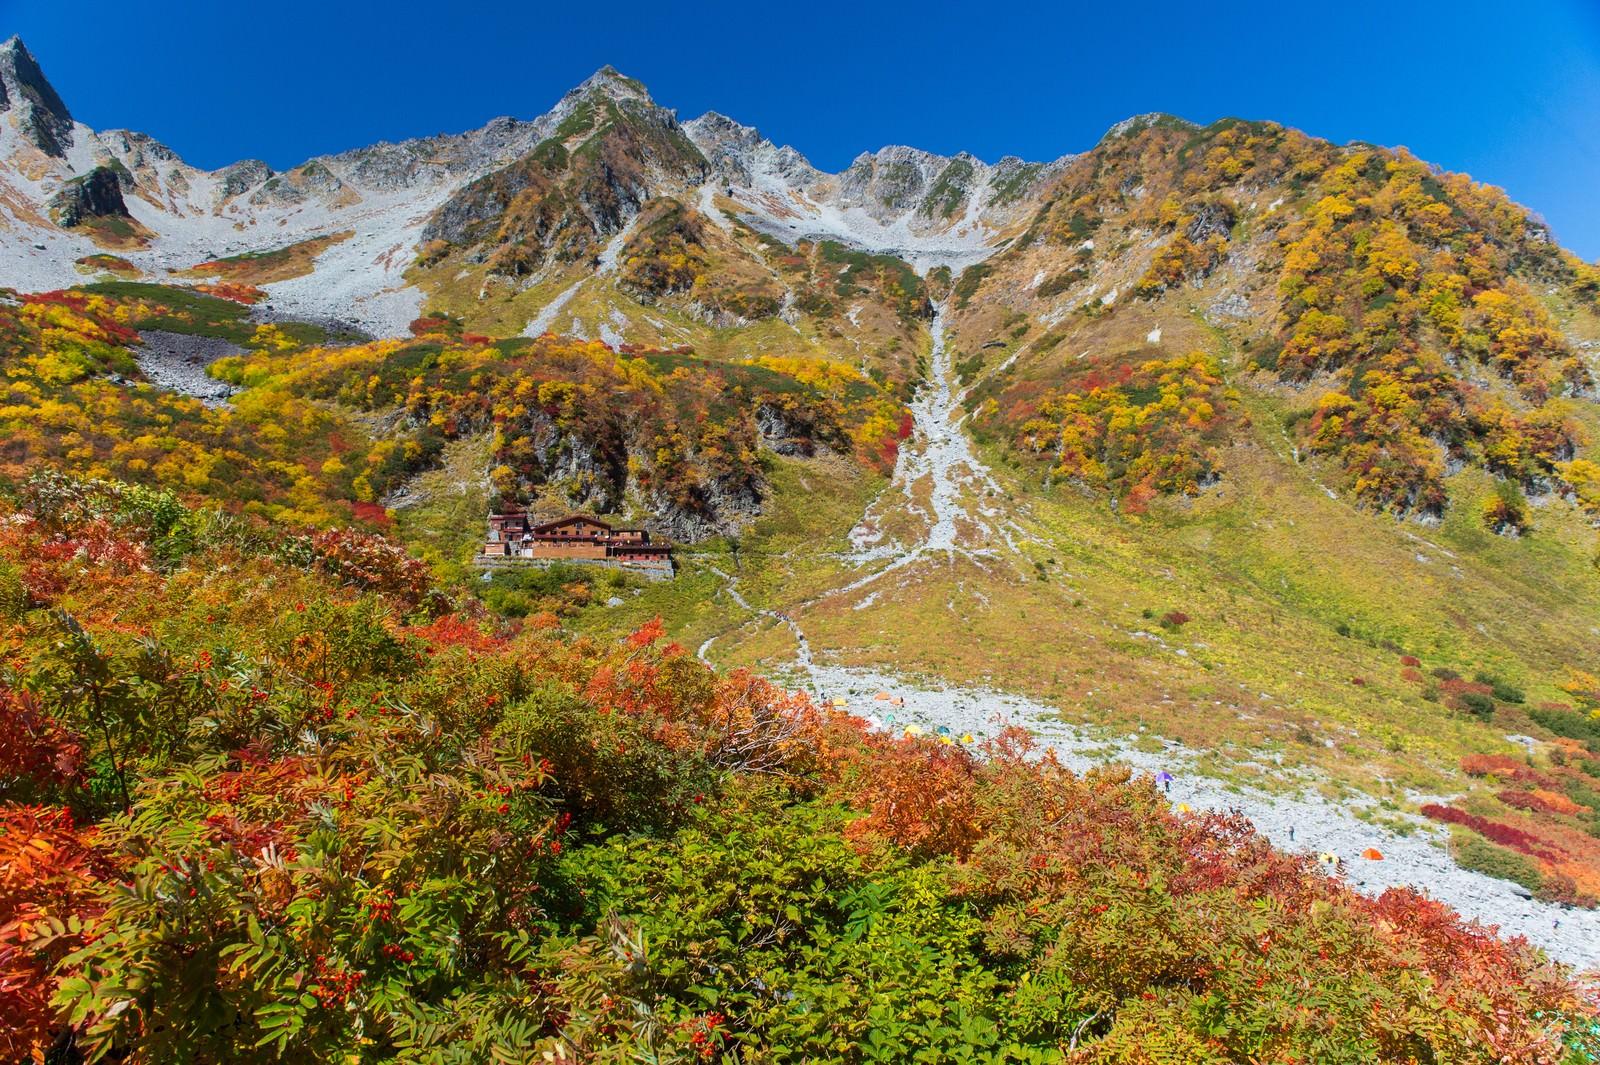 「紅葉ピークの涸沢小屋と北穂高岳」の写真